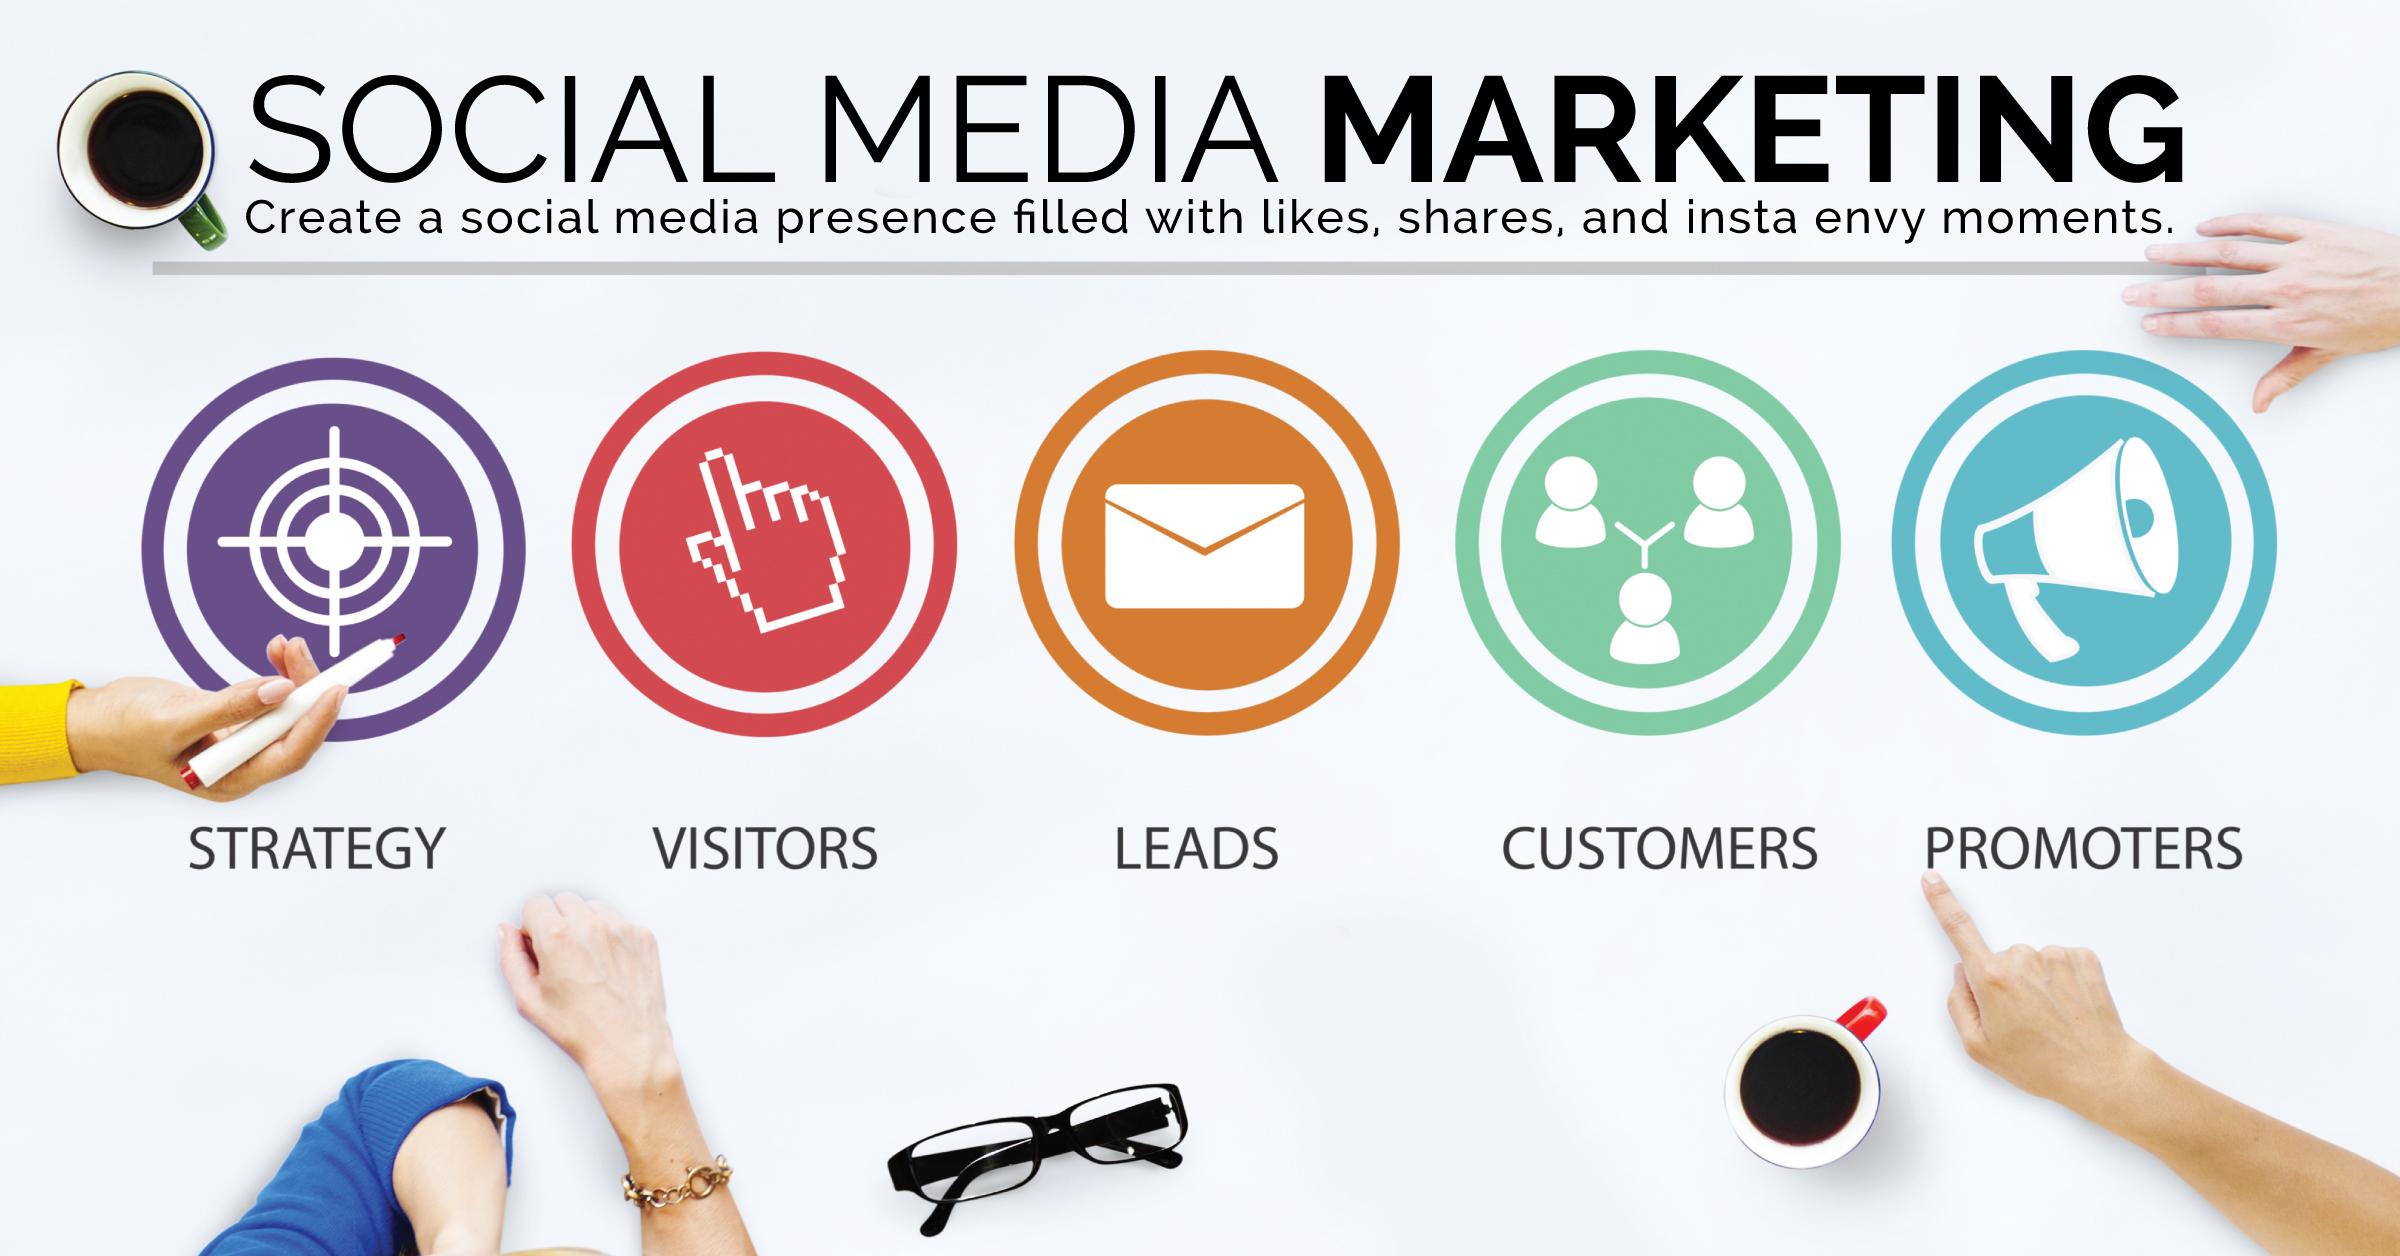 socialmedia-marketing_1.jpg